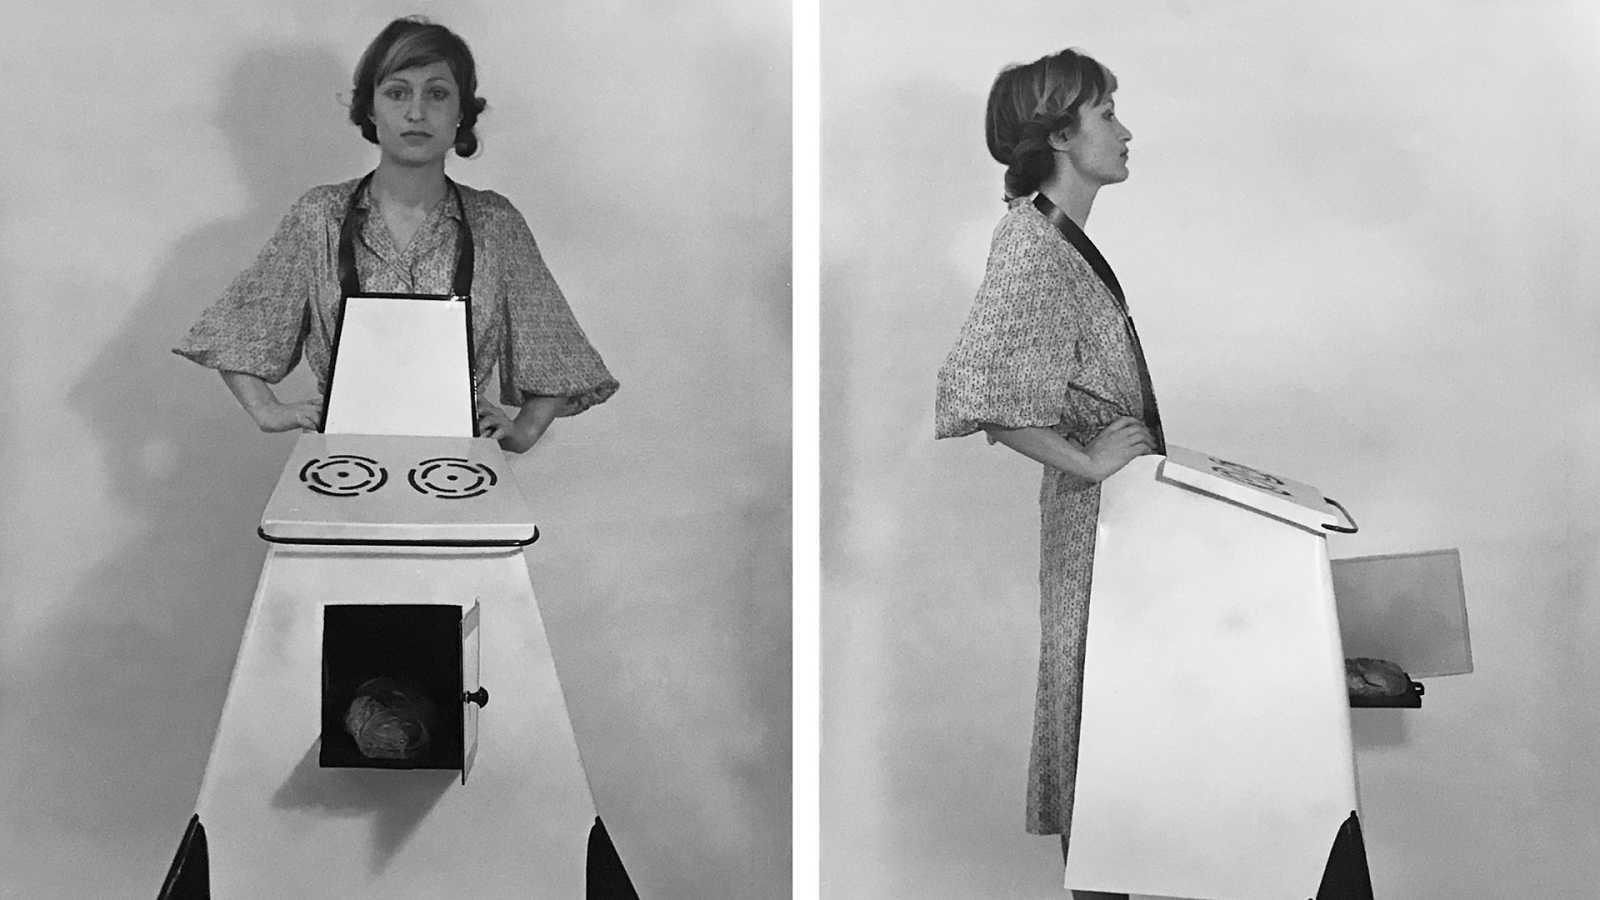 Metrópolis - La vanguardia feminista de los años 70 - ver ahora